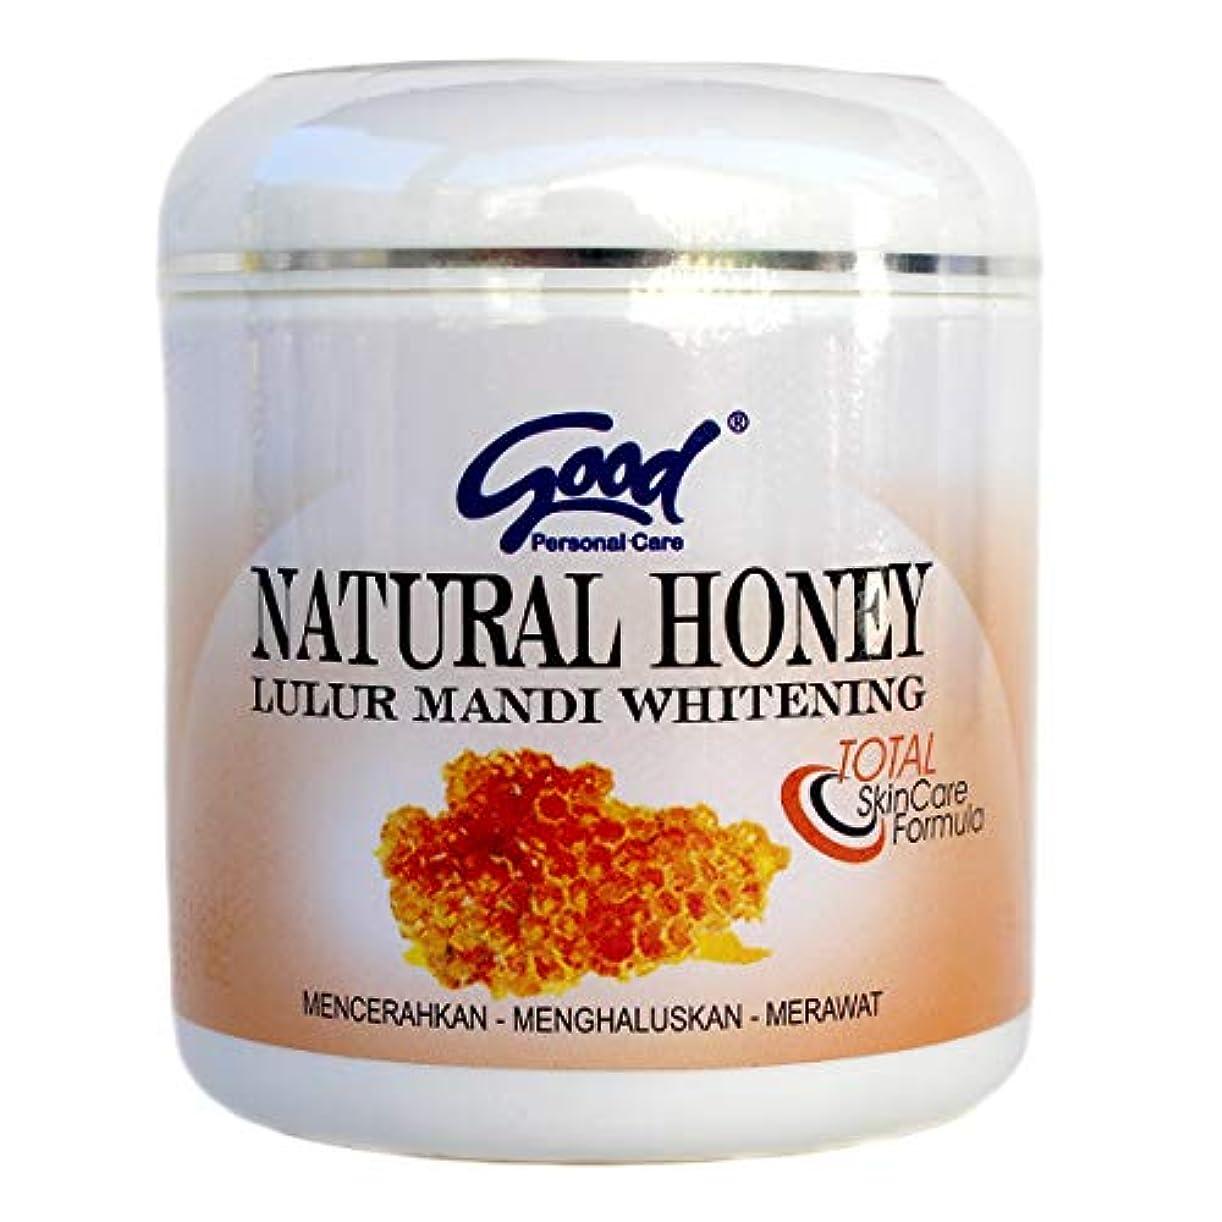 気づくメジャーカウンタgood グッド インドネシアバリ島の伝統的なボディスクラブ Lulur Mandi マンディルルール 200g Natural Honey ナチュラルハニー [海外直送品]